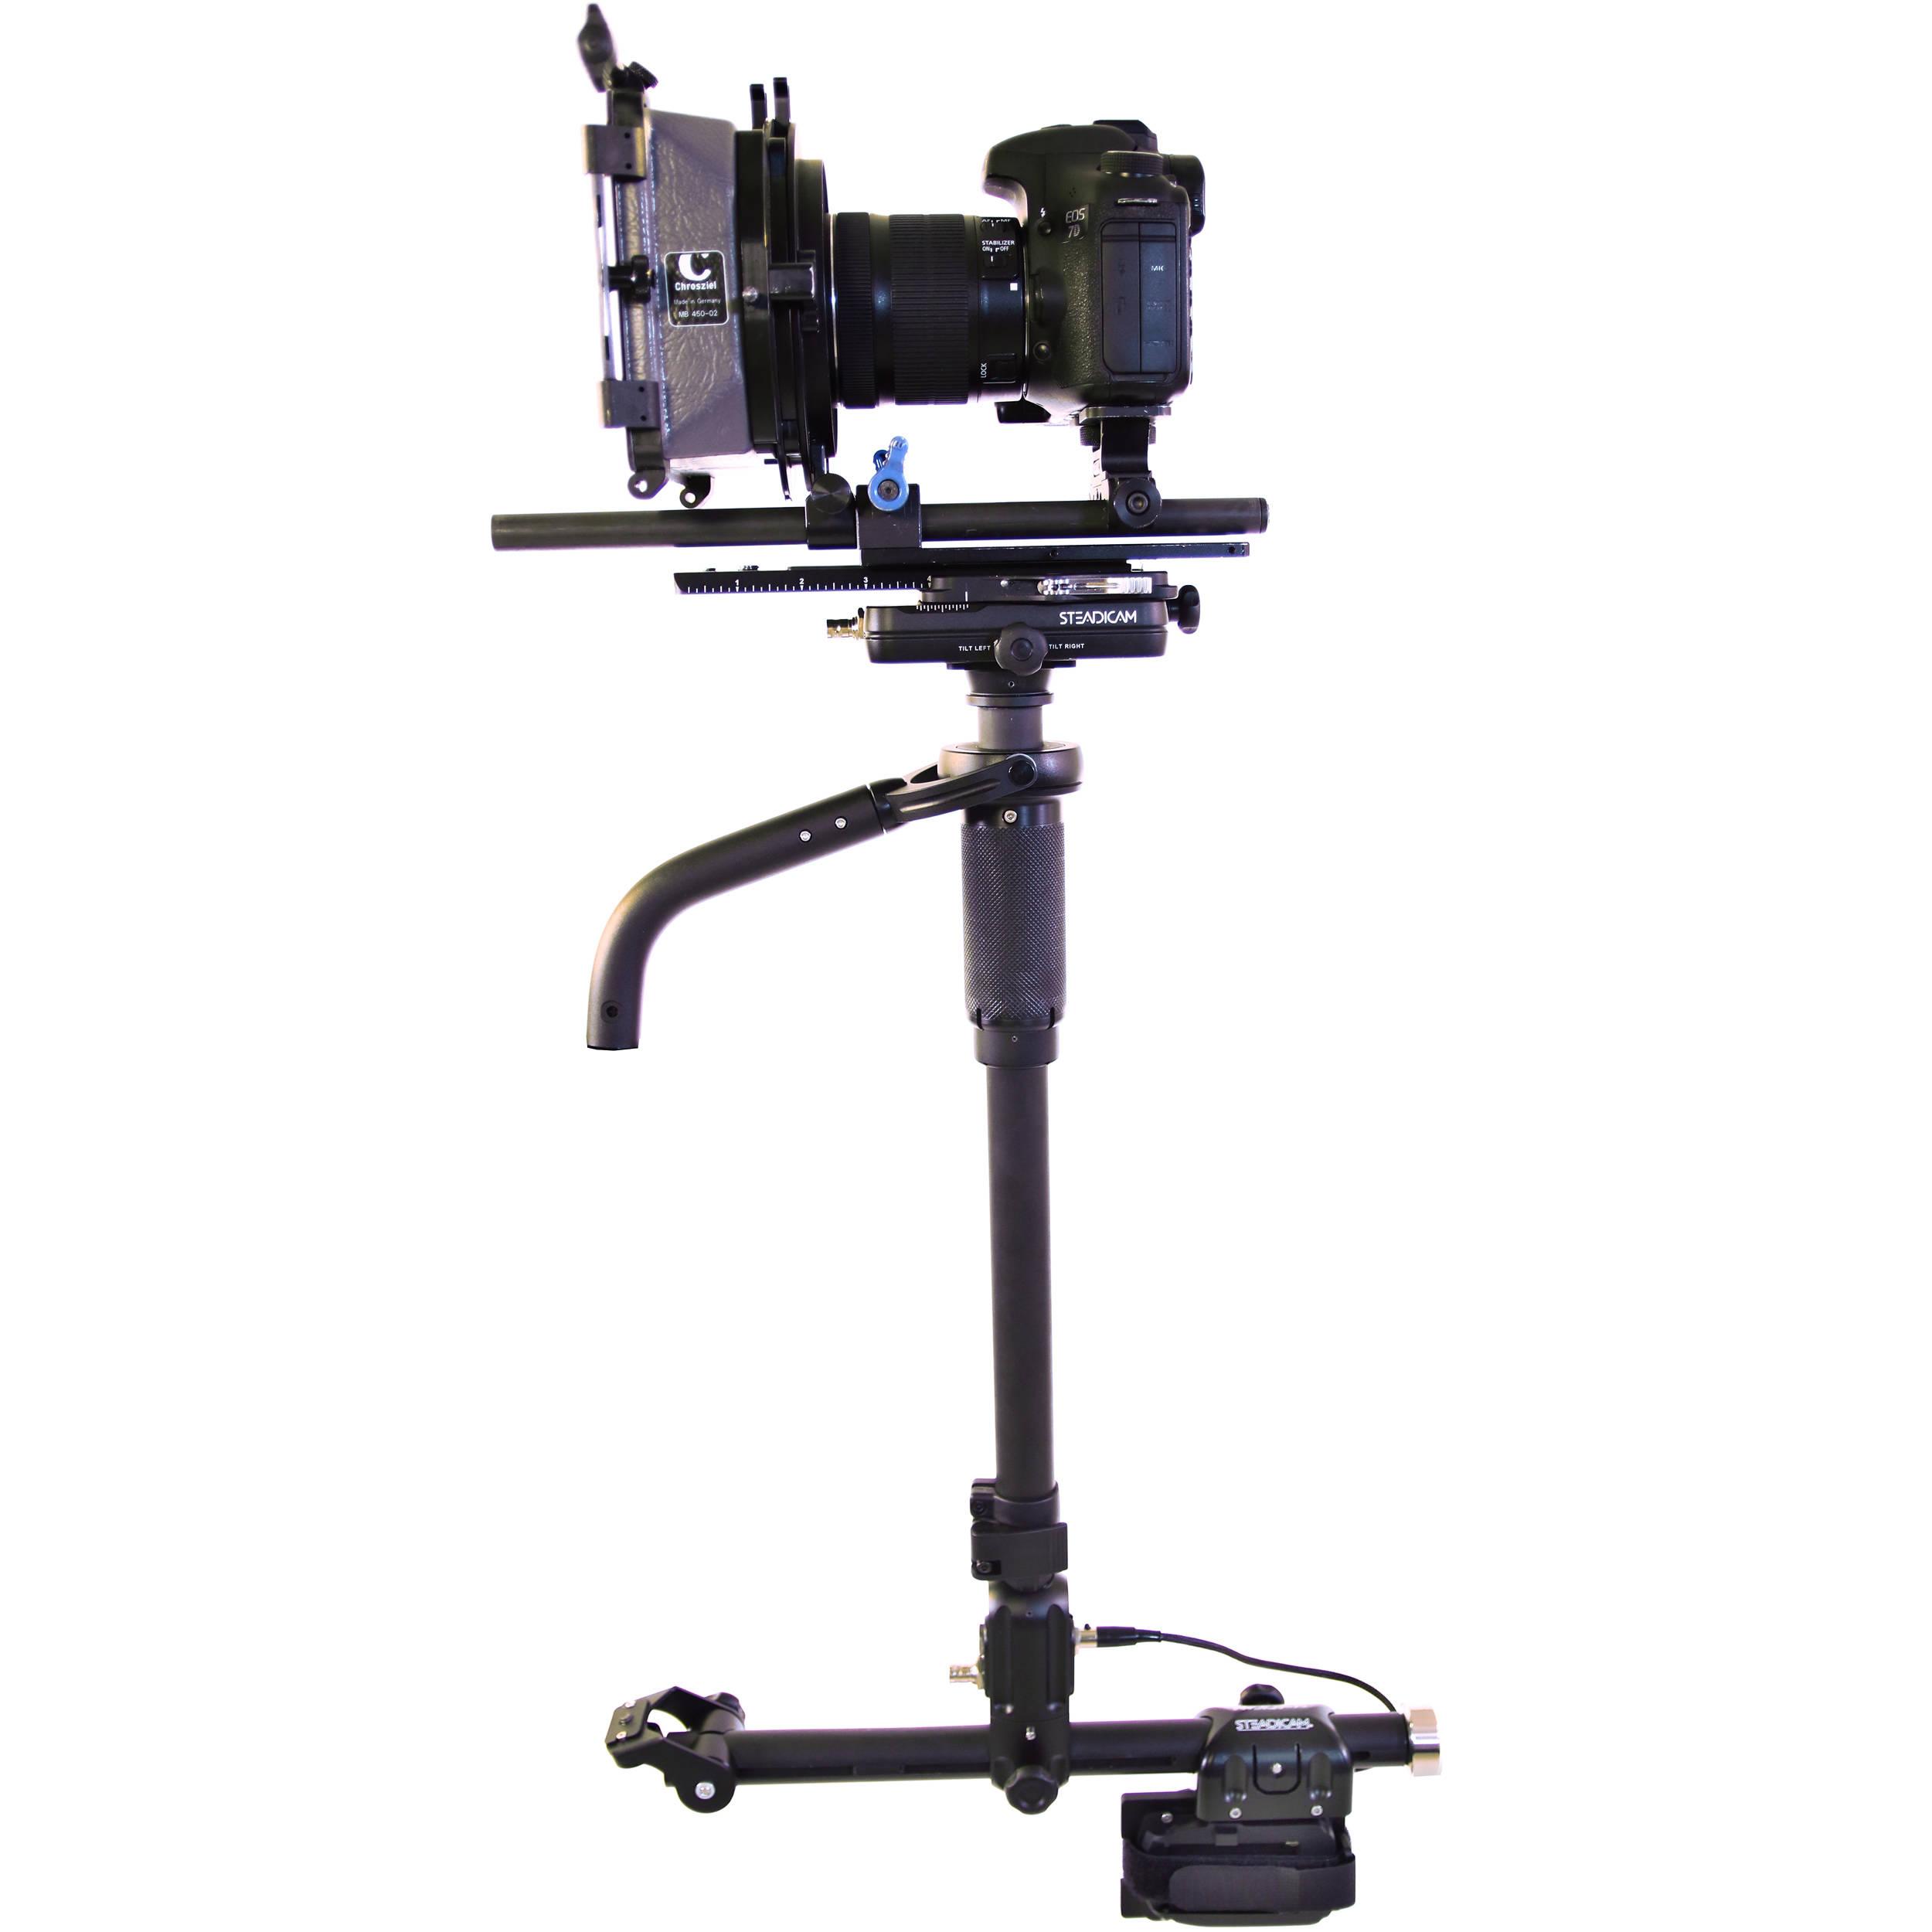 AERO Sled (no monitor) Canon L